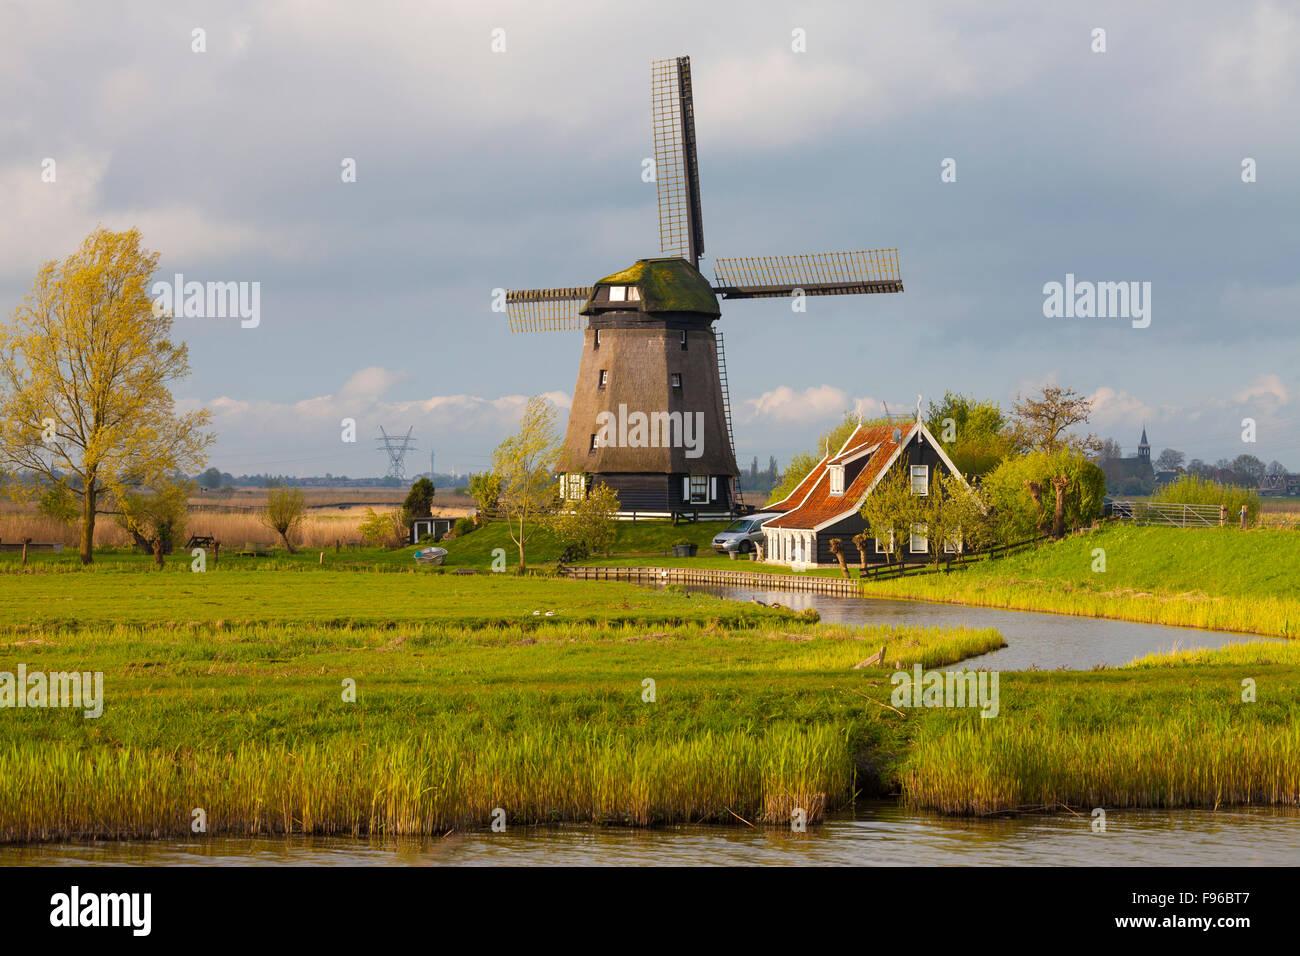 Windmill near Schermerhorn, North Holland, Netherlands - Stock Image